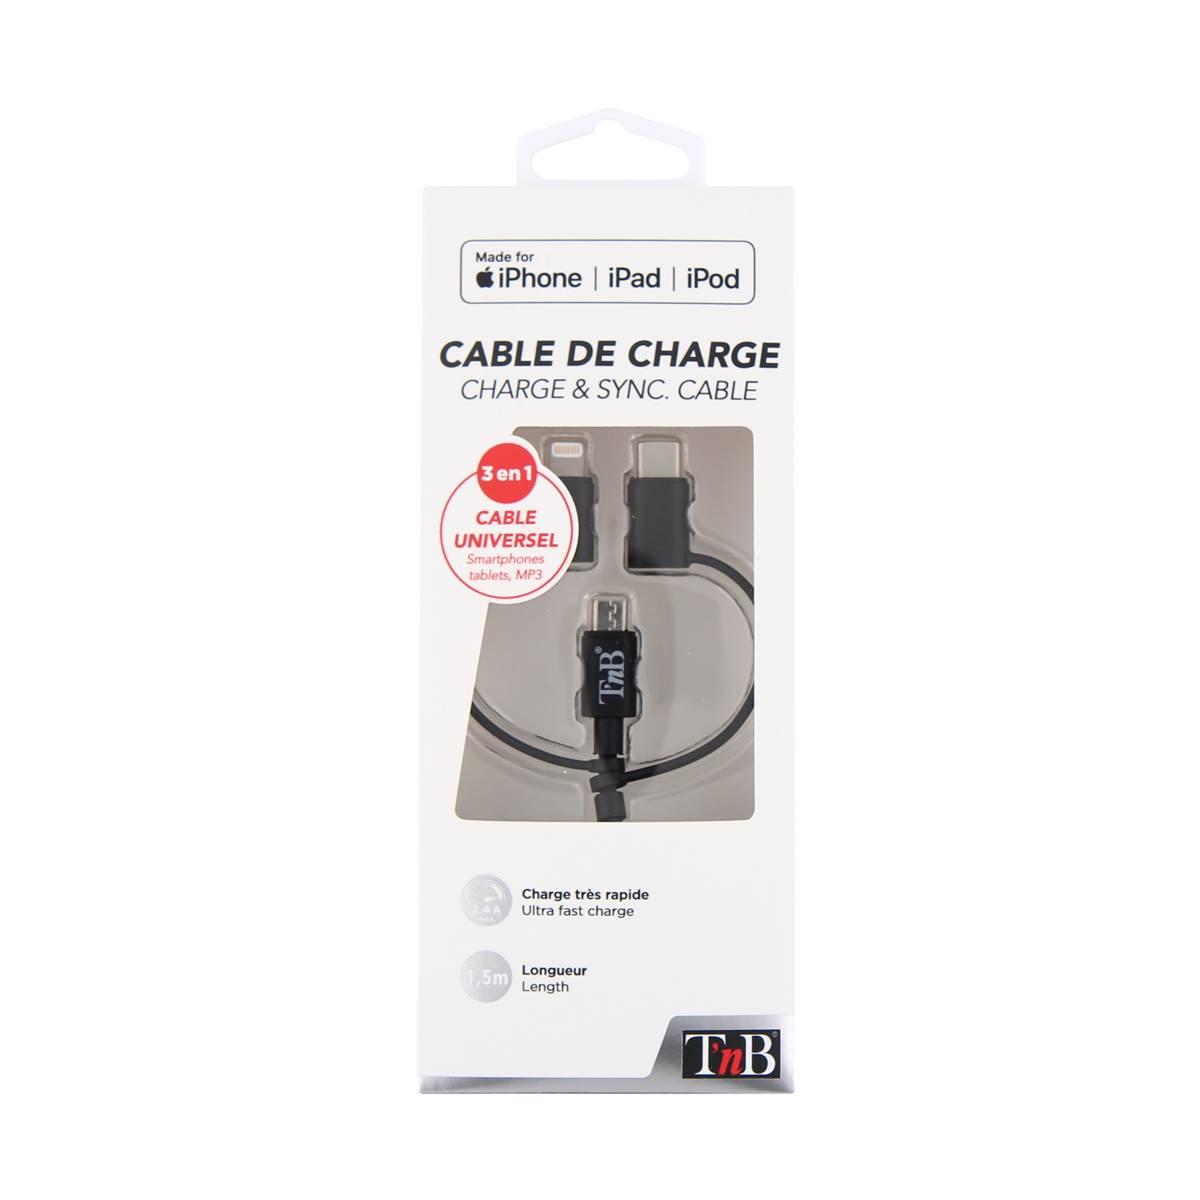 Câble USB avec connecteurs Lightning + micro USB + type C - coloris noir - T'nB